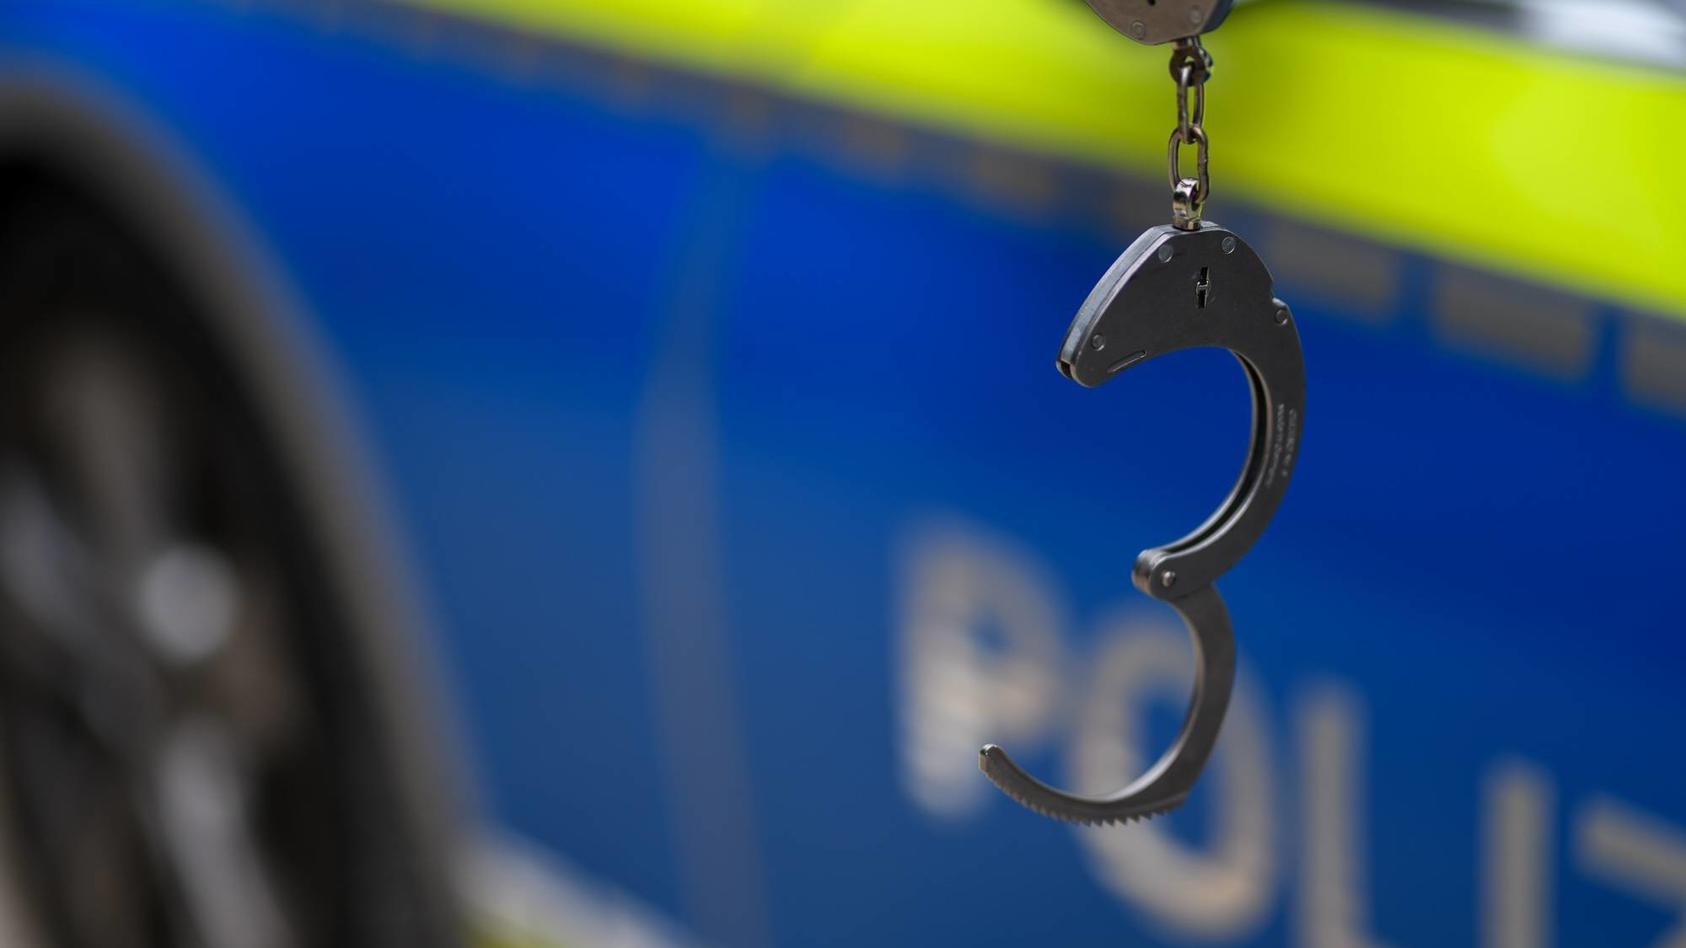 Jetzt wurde der Häftlingan der bulgarischen Grenze festgenommen. Die Behörden wollen die Auslieferung des 68-Jährigen beantragen.